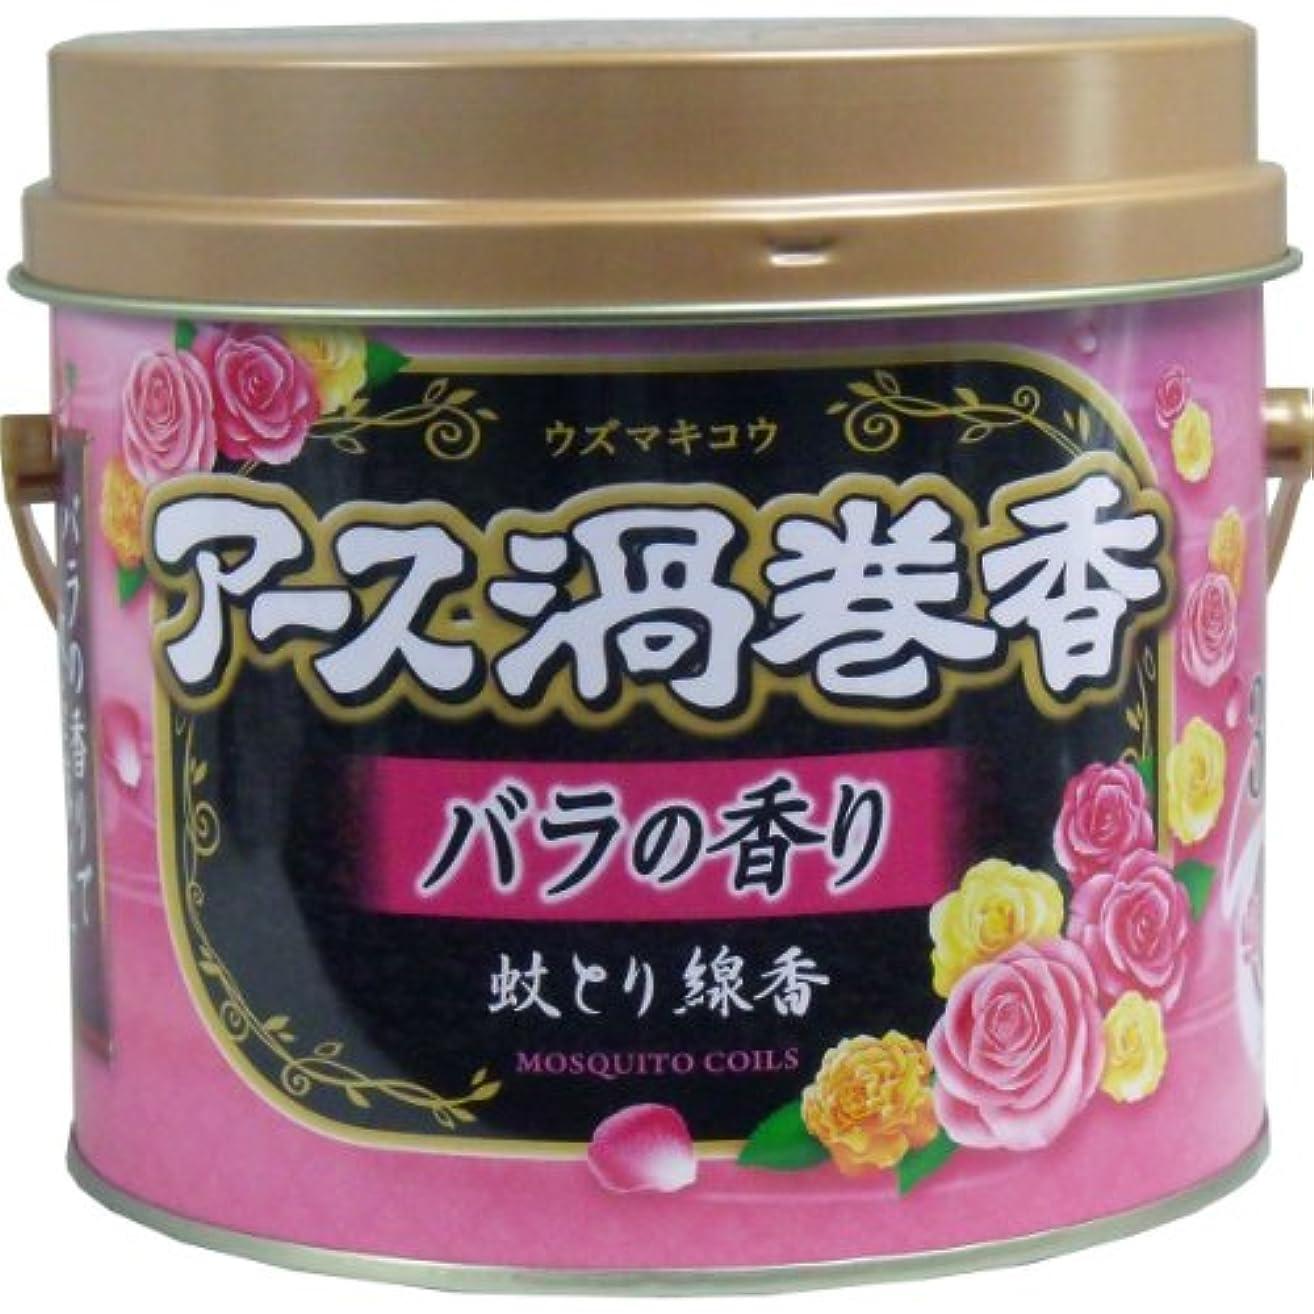 十分に第三ソブリケットアース渦巻香 蚊とり線香 バラの香り 30巻 4個セット